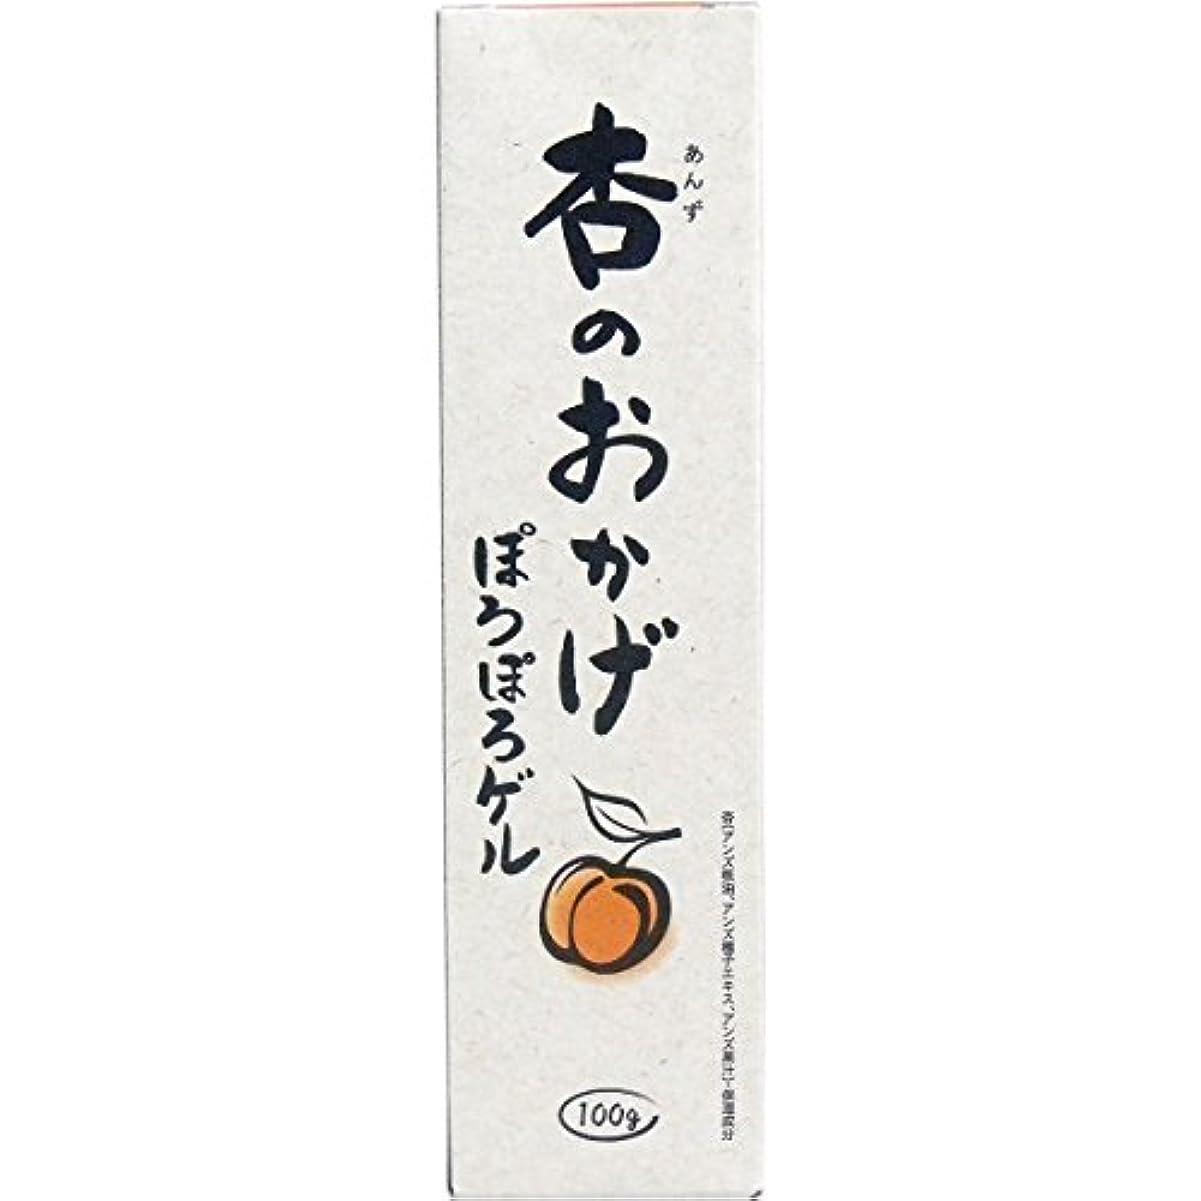 時折名門塗抹杏のおかげ ぽろぽろゲル 100g